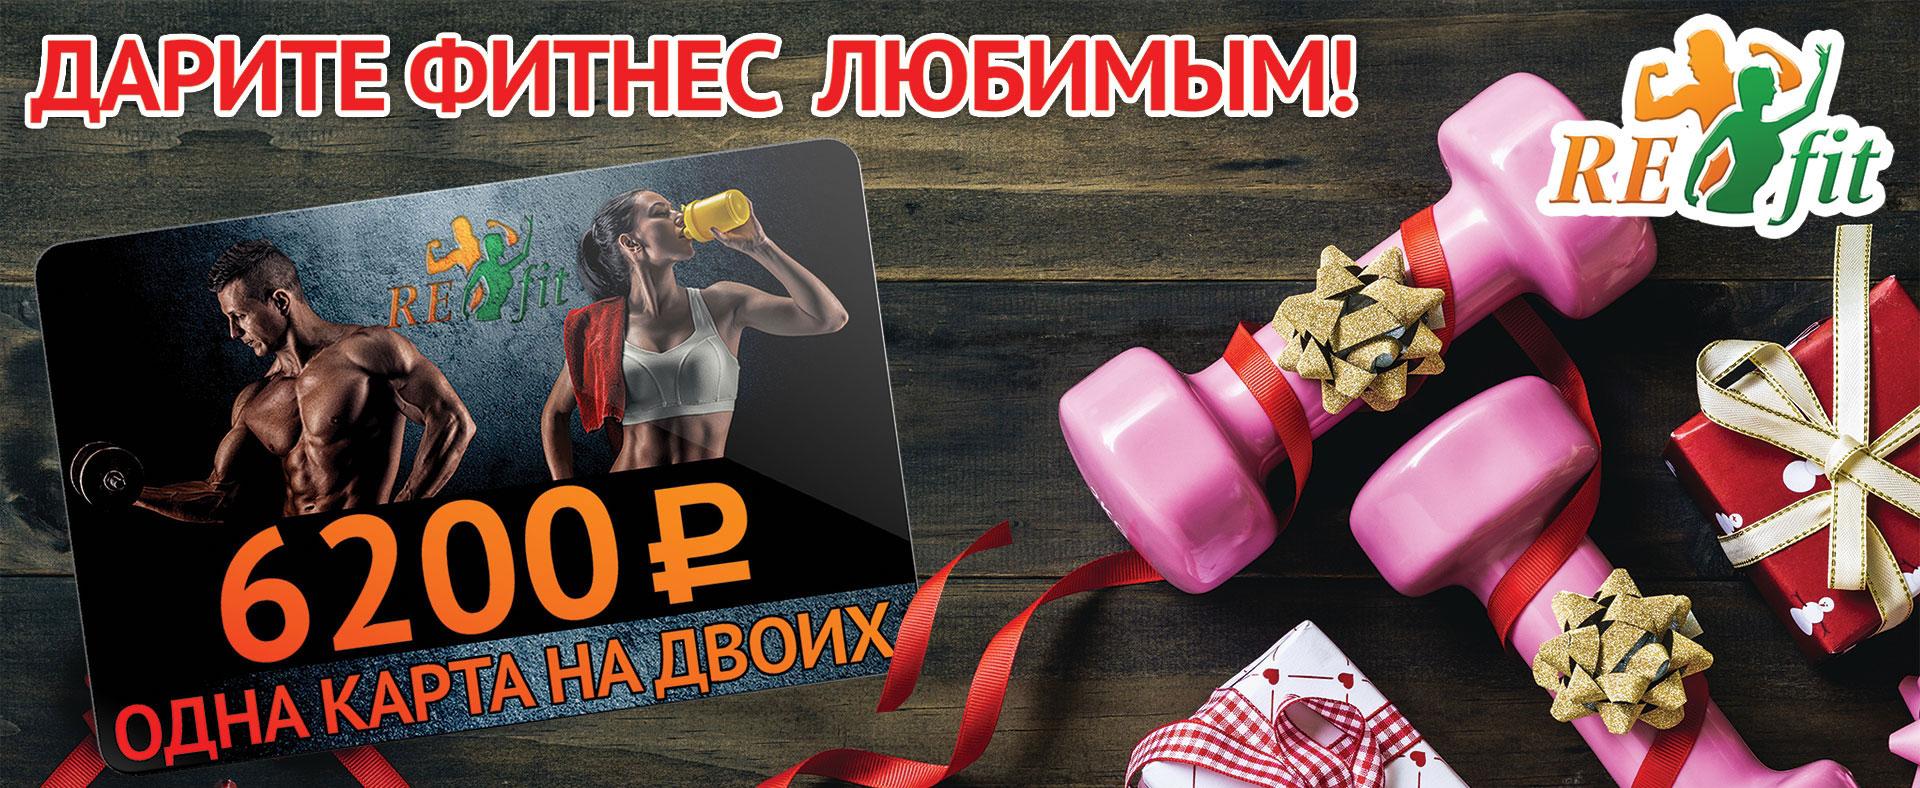 Дарите фитнес любимым!